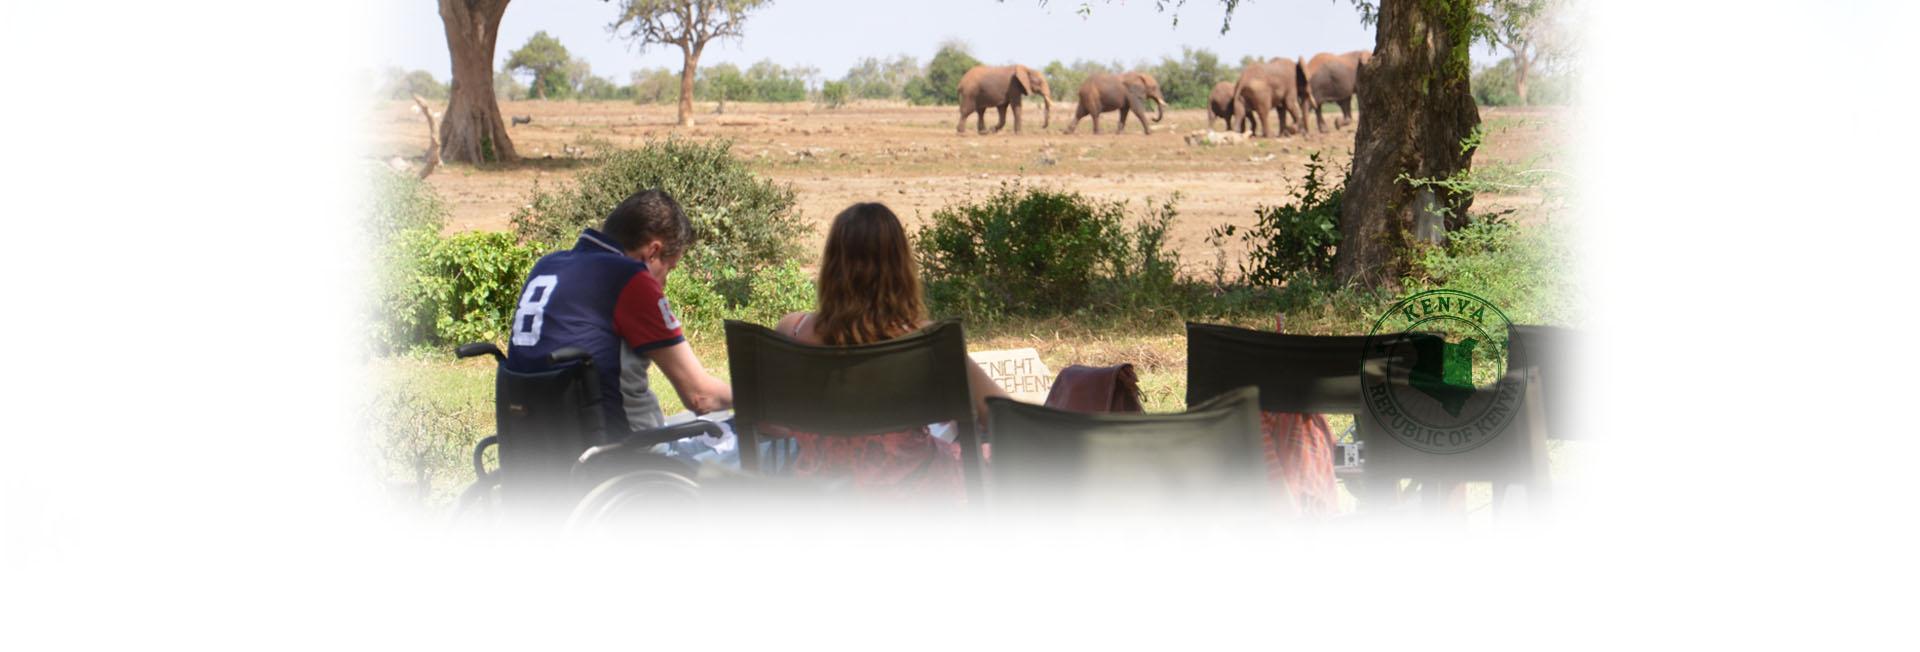 Wetravel2 Kenia